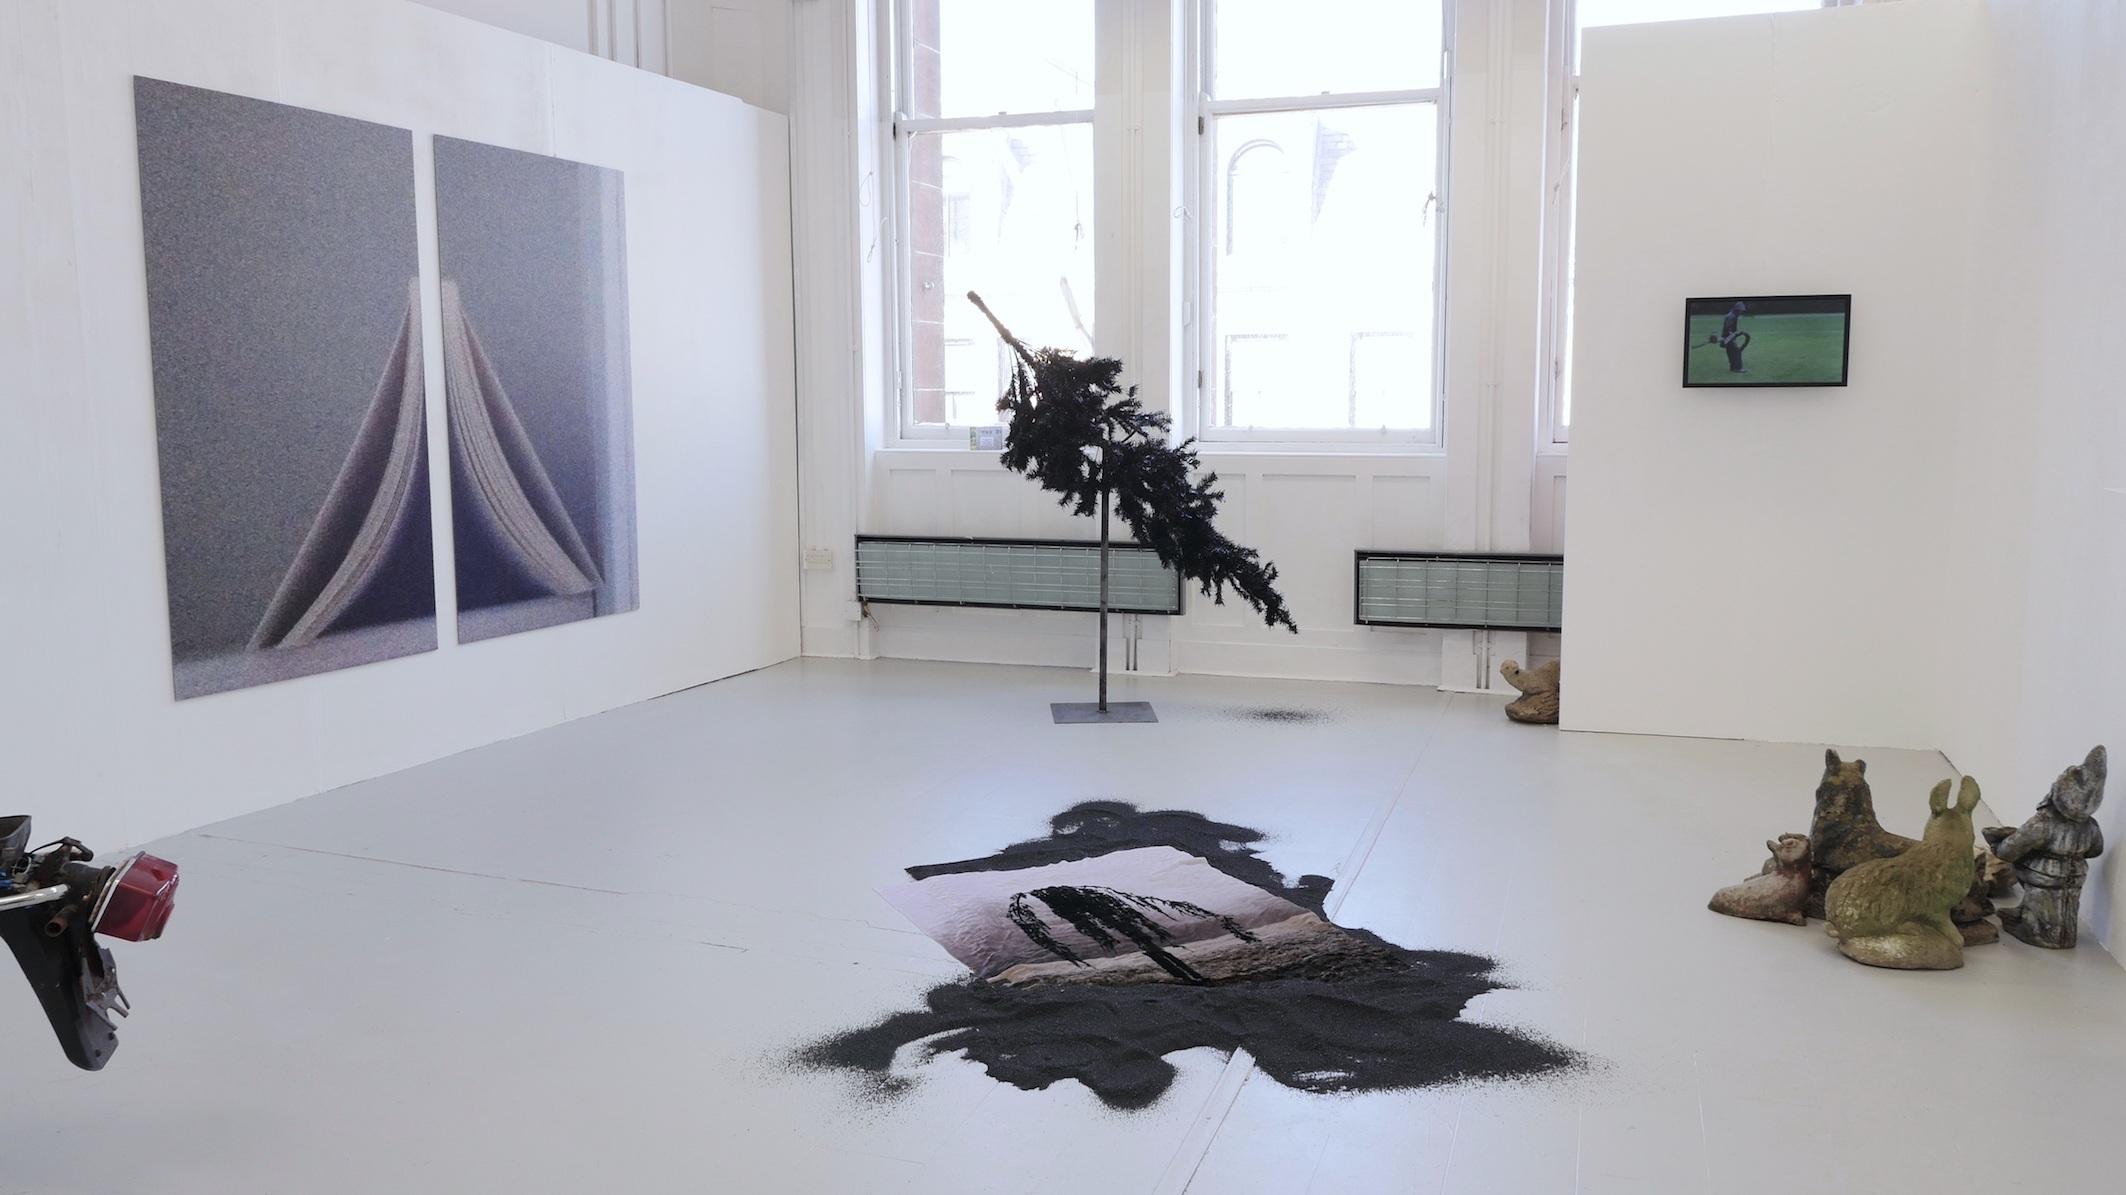 exhibition_view_ruusuvuori.jpg